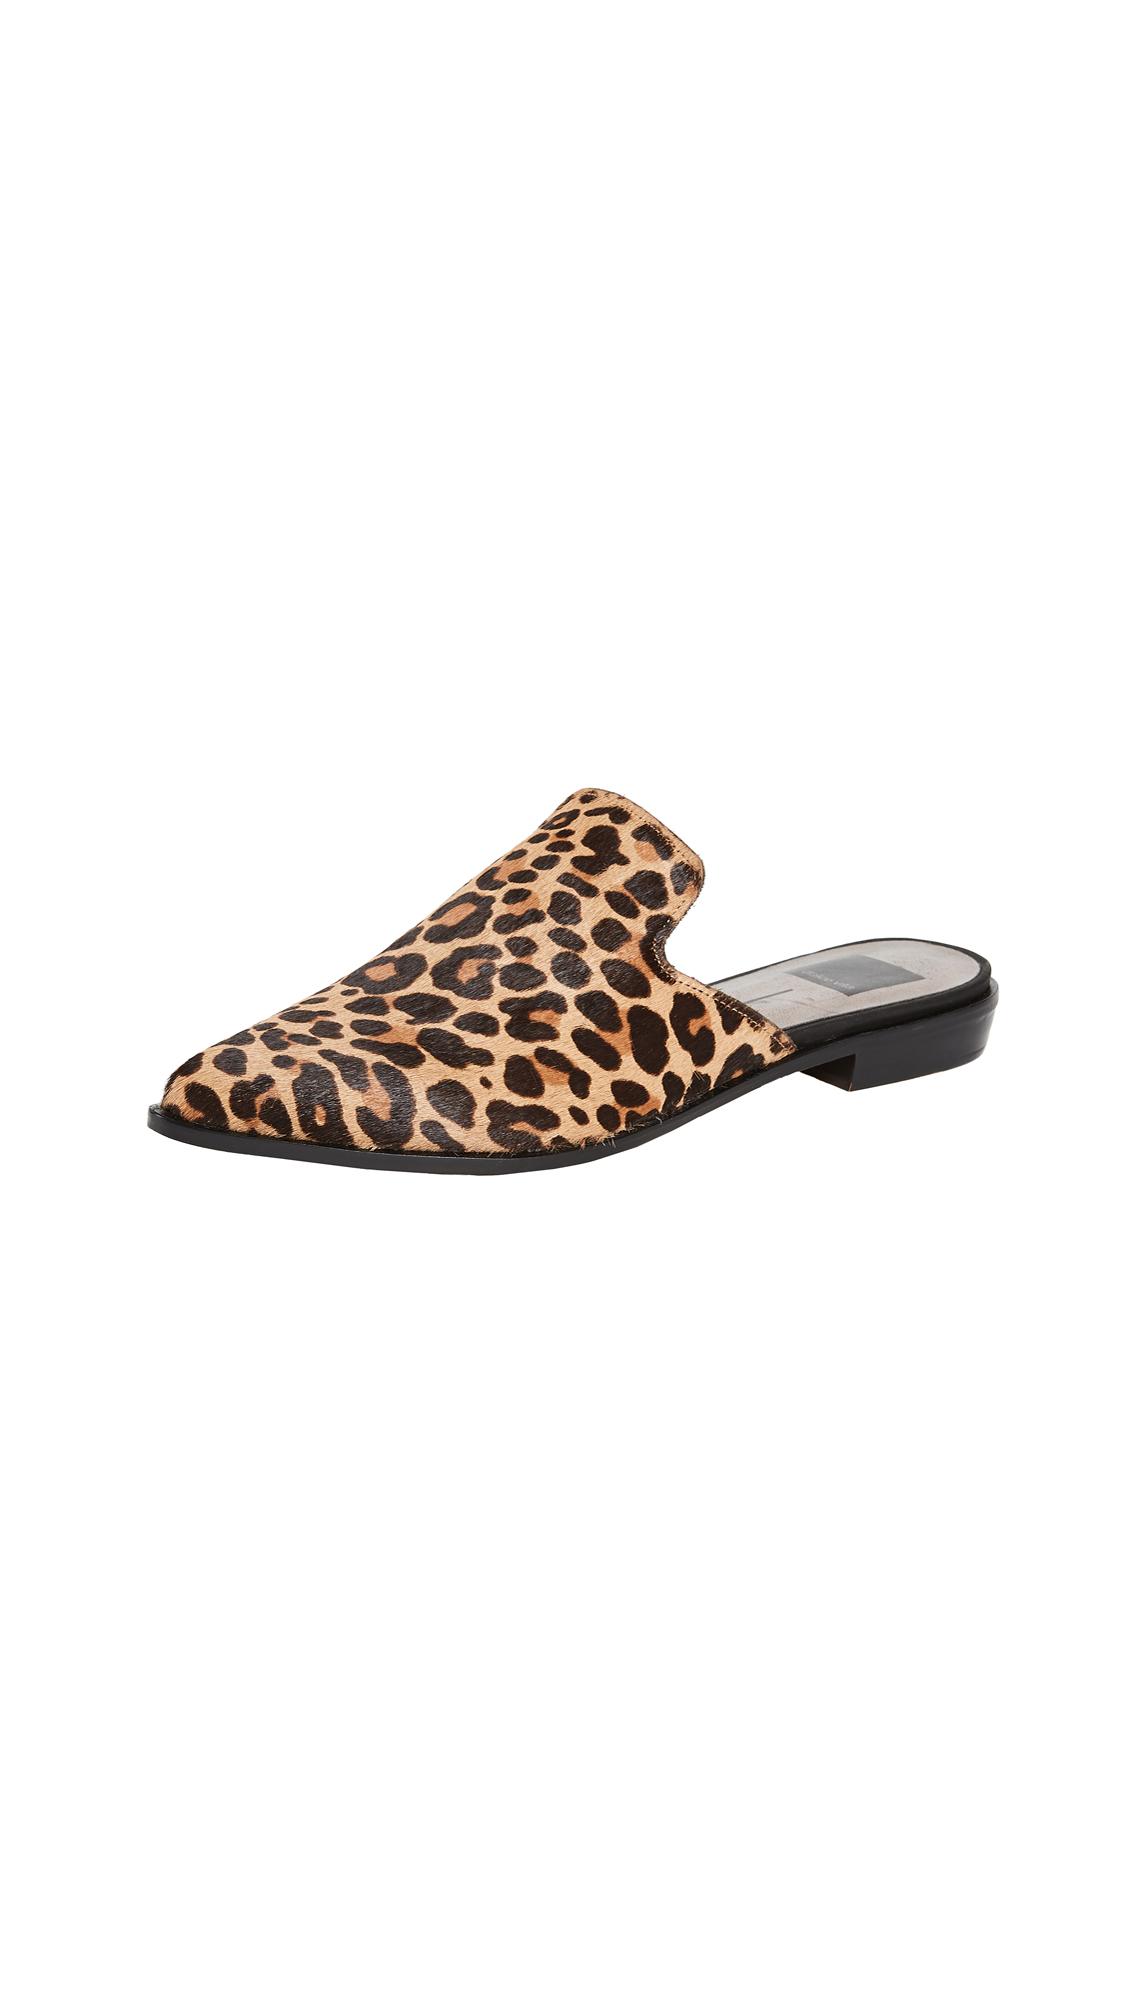 Dolce Vita Holli Mules - Leopard